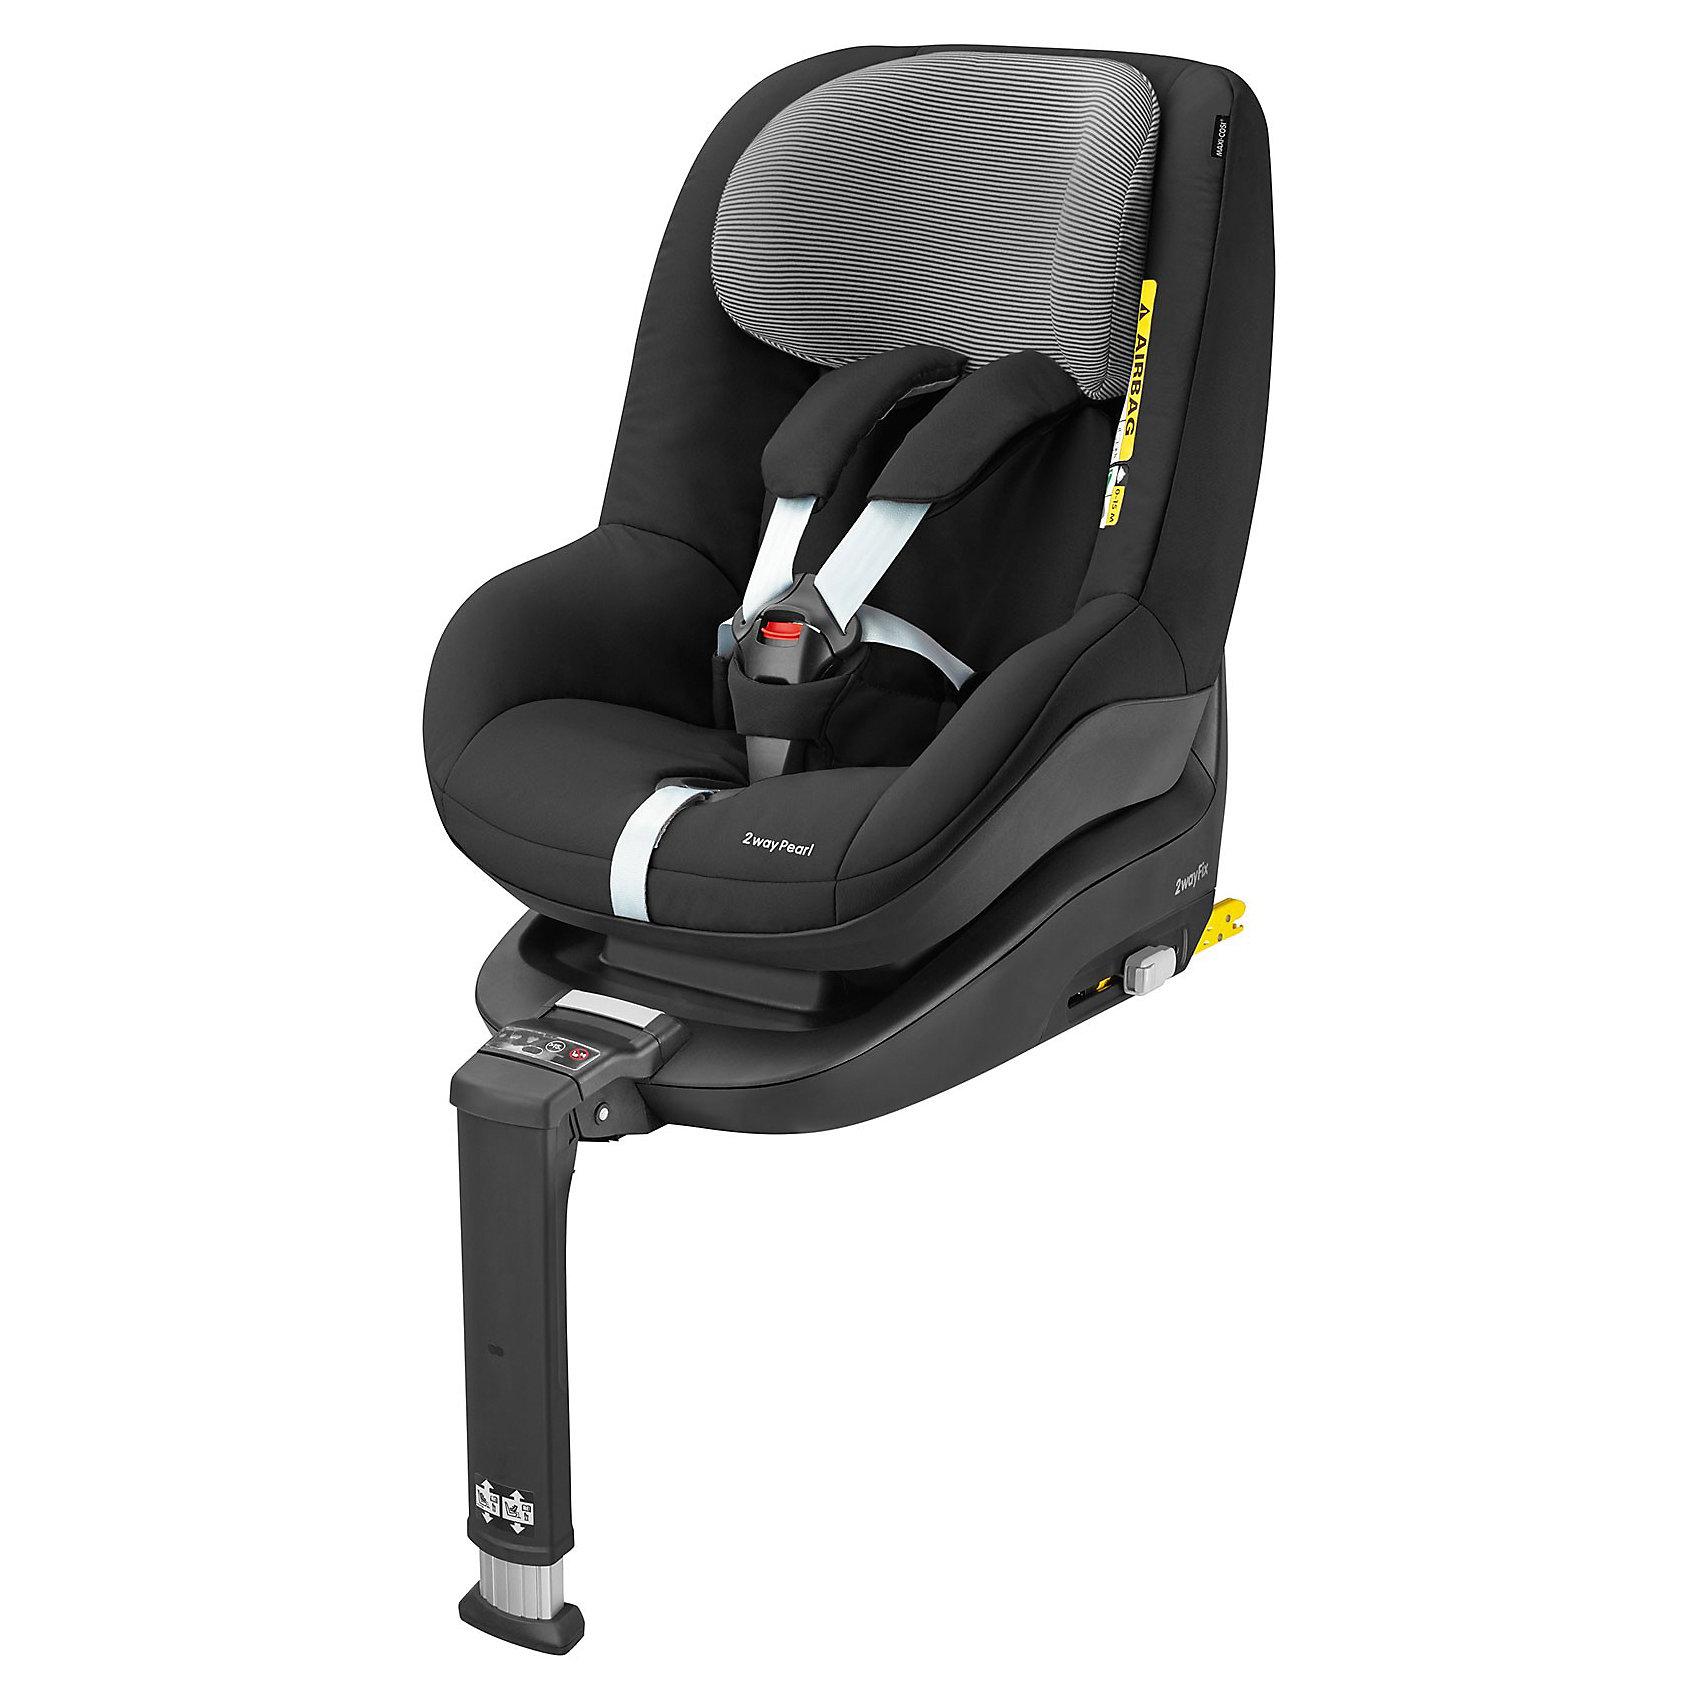 Автокресло 2wayPearl 9-18 кг., Maxi-Cosi, Origami BlackMaxi-Cosi 2wayPearl - это яркое, удобное и безопасное автокресло создано специально для детой от 6 месяцев до 4 лет. Внутри кресла есть регулируемый 5-ти точечный ремень безопасности, так же, для большего удобства, имеется мягкий вкладыш под голову и шею ребенка.<br><br>Особенности:<br>- Фиксируется при помощи базы 2 WayFix (приобретается отдельно).<br>- Цветовые индикаторы и звуковые сигналы показывают правильность установки кресла.<br>- Уникальная система защиты от боковых ударов обеспечивает максимальную защиту<br>- 5-ти точечный ремень безопасности.<br>- Подголовник регулируется по высоте, имеет 7 положений.<br>- Наклон спинки регулируется в 5 положениях.<br>- Прочный каркас из ABC-пластика.<br>- Съемный чехол легко стирается.<br><br>Дополнительная информация:<br><br>- Возраст: от 6 месяцев до 4 лет. ( от 9 до 18 кг.)<br>- Цвет: Origami Black.<br>- Материал: полипропилен, полиэстер<br>- Ширина кресла внутри: 30 см.<br>- Ширина кресла снаружи: 44 см.<br>- Глубина кресла: 32 см.<br>- Размер кресла снаружи: 62x50 см.<br>- Вес кресла: 7.23 кг<br>- Вес в упаковке: 8.3 кг.<br><br>Купить автокресло 2wayPearl (9-18 кг.) в цвете Origami Black, можно в нашем магазине.<br><br>Ширина мм: 475<br>Глубина мм: 595<br>Высота мм: 610<br>Вес г: 7250<br>Возраст от месяцев: 4<br>Возраст до месяцев: 48<br>Пол: Унисекс<br>Возраст: Детский<br>SKU: 4975096